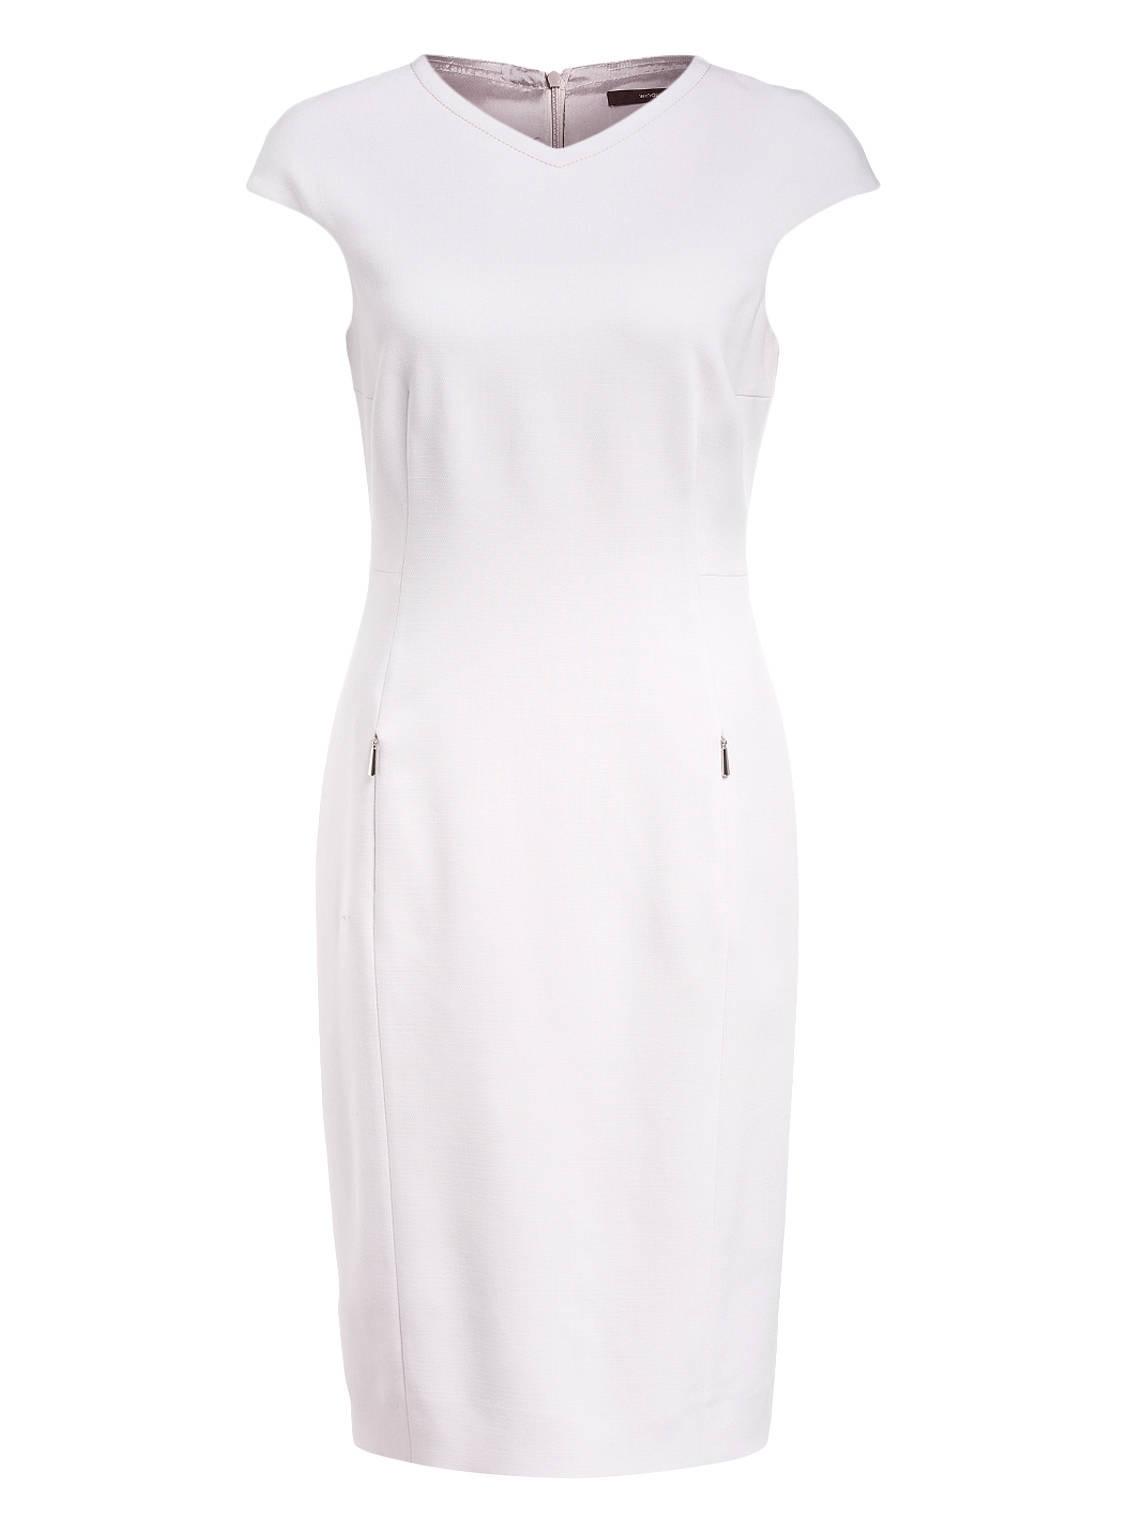 20 Genial Schöne Damen Kleider Boutique15 Top Schöne Damen Kleider Bester Preis